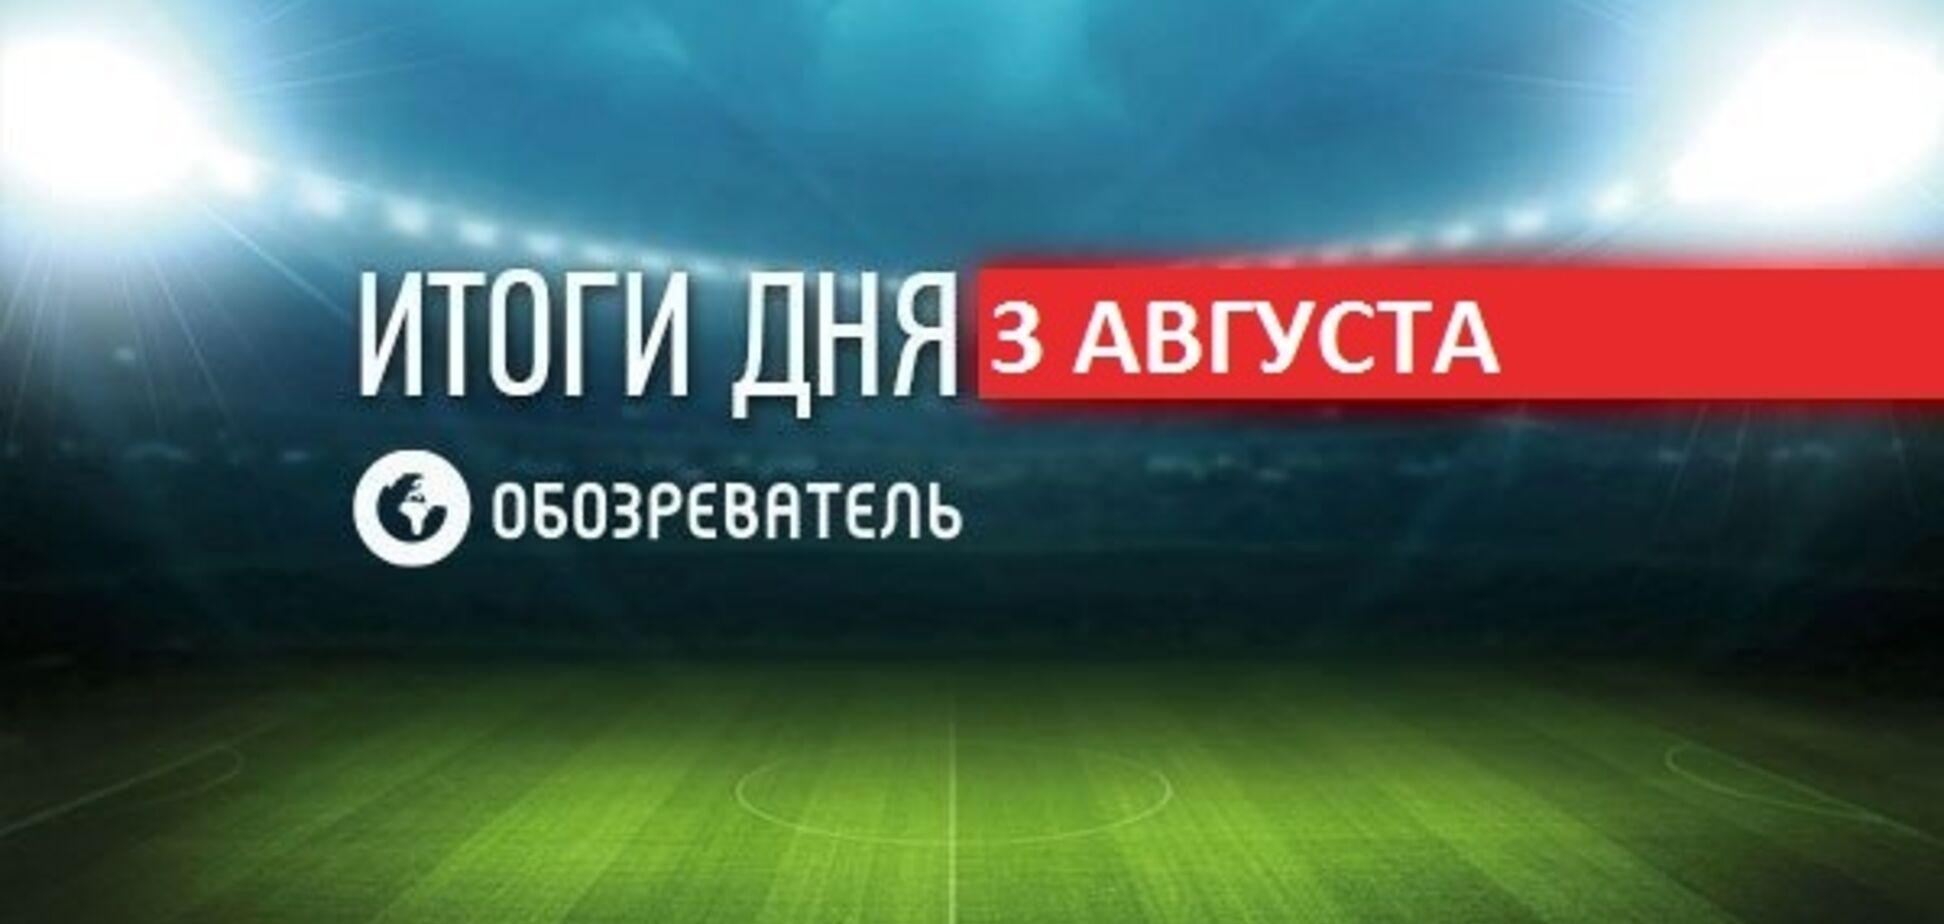 Стало відомо, що відбувається на перших тренуваннях Луческу в 'Динамо': підсумки спорта 3 серпня